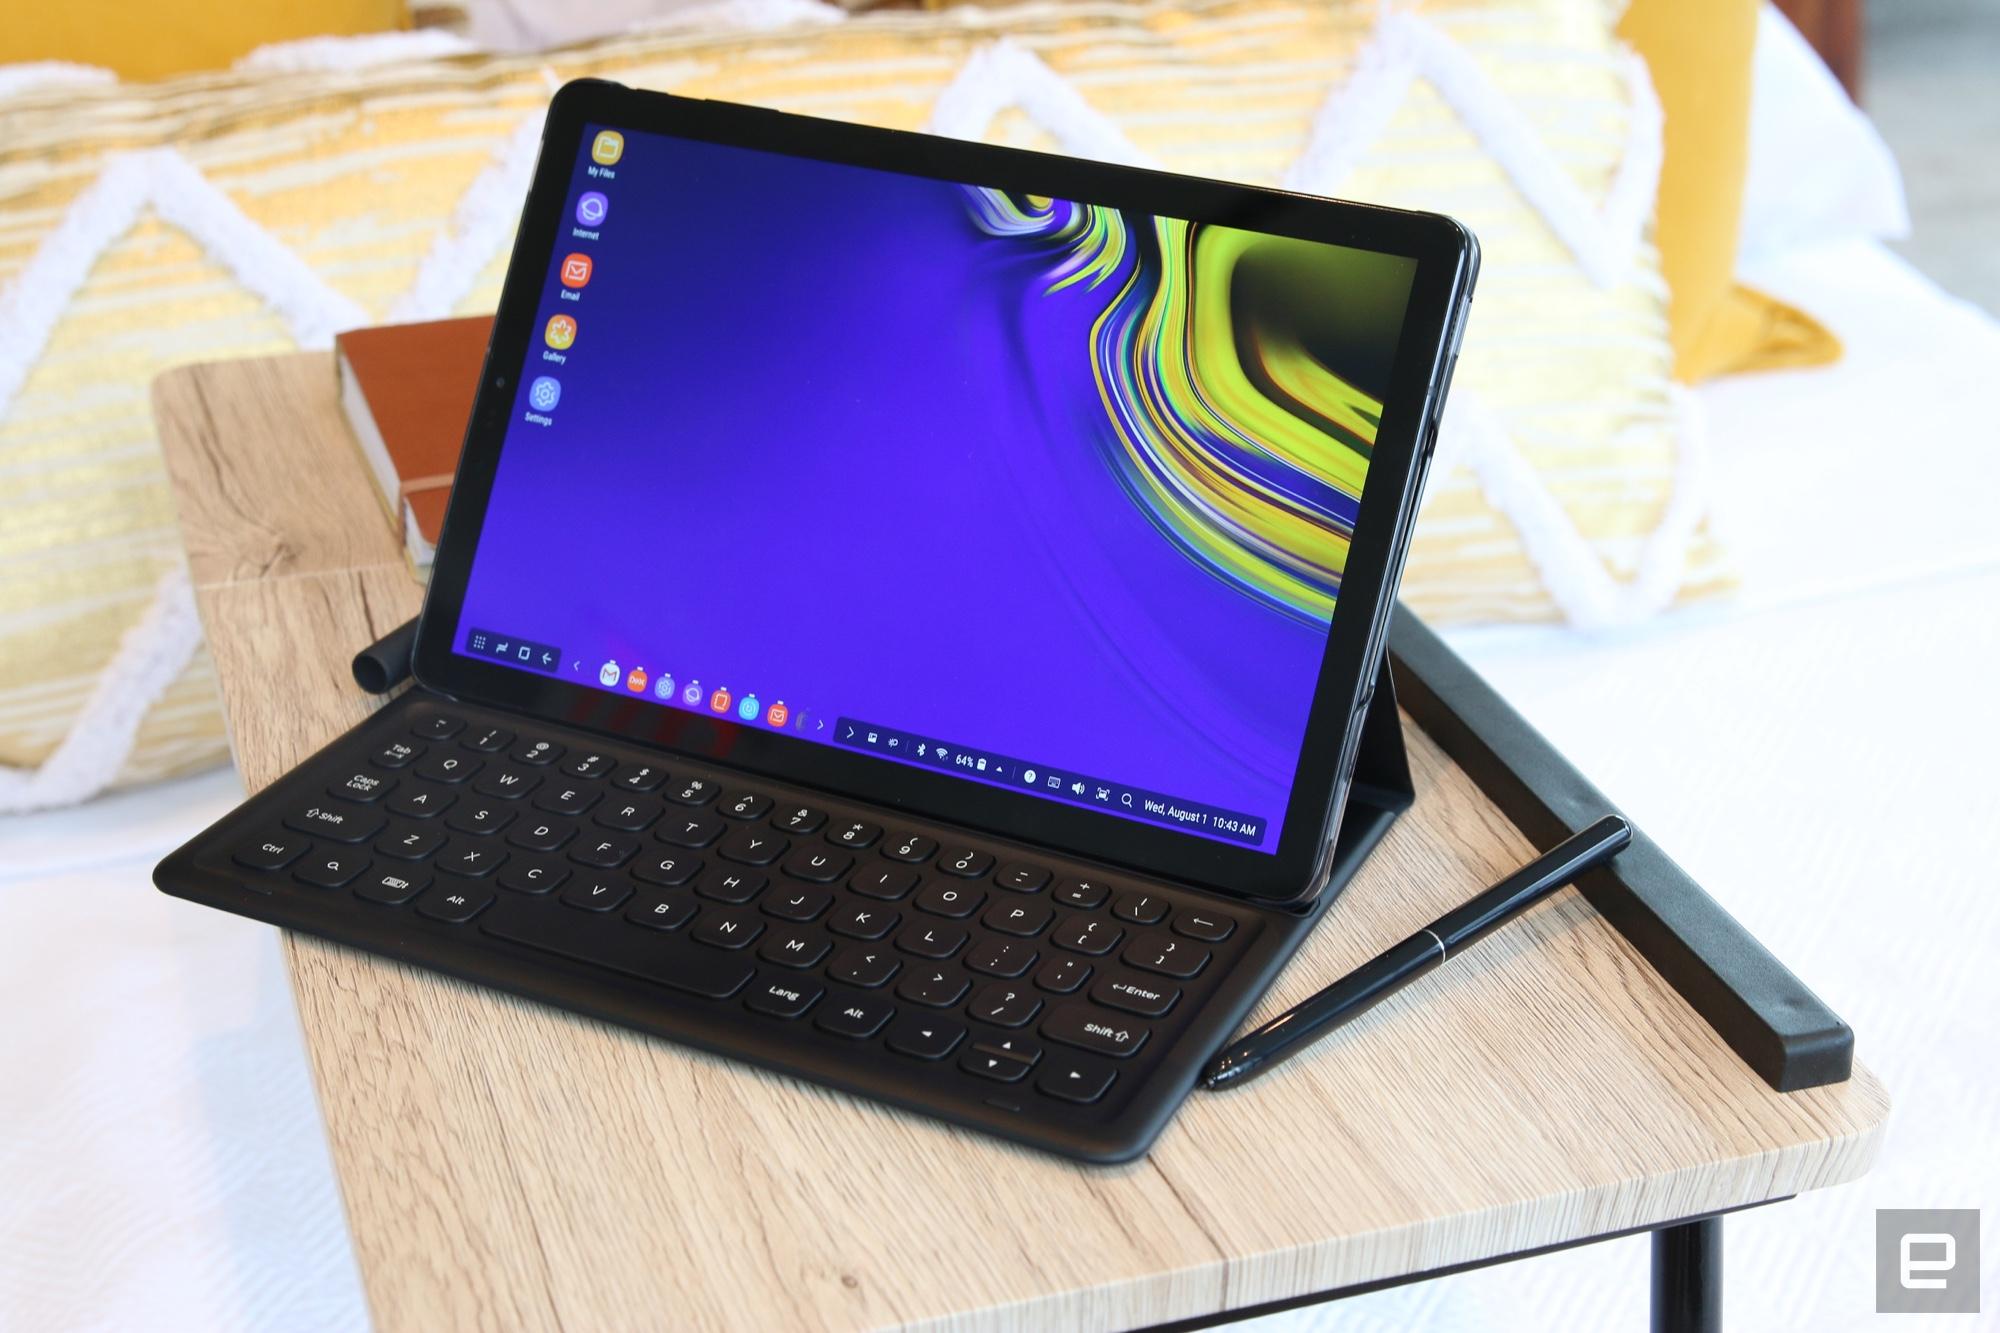 Trên tay Galaxy Tab S4: màn hình tỉ lệ 16:10, 4 loa AKG, Giao diện DeX như laptop